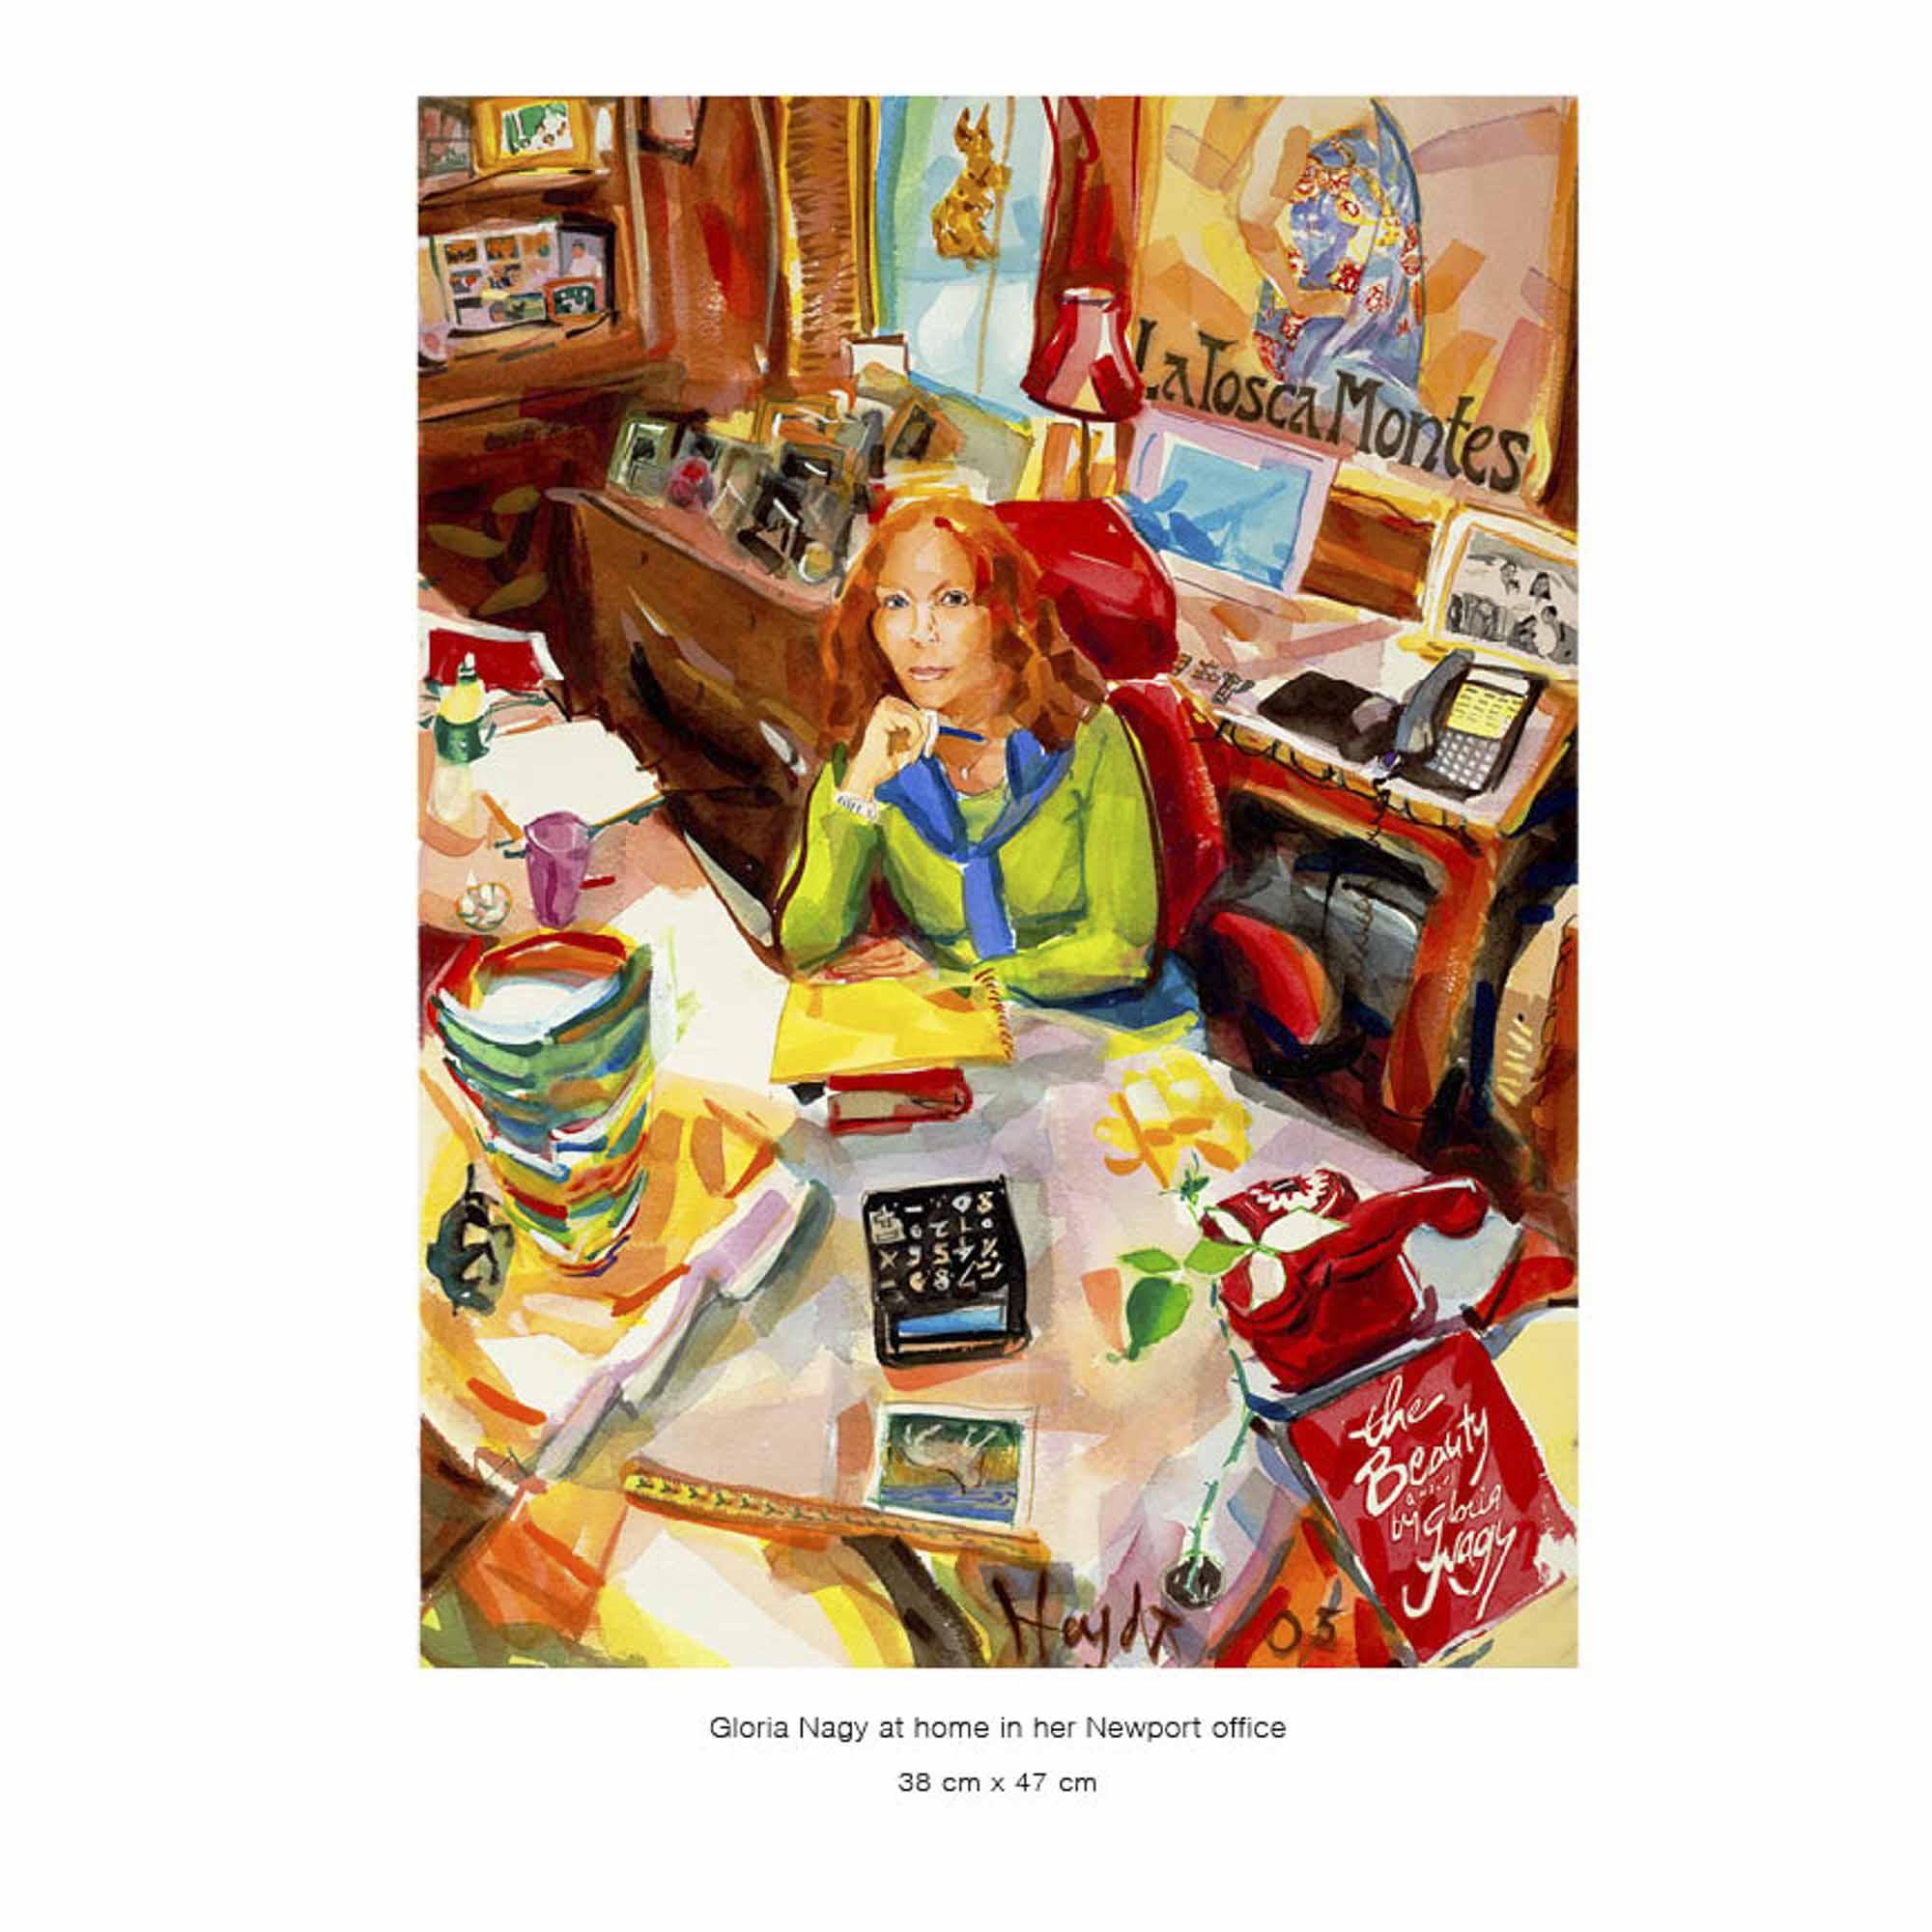 Book 5 - Newportant People Too5.jpg